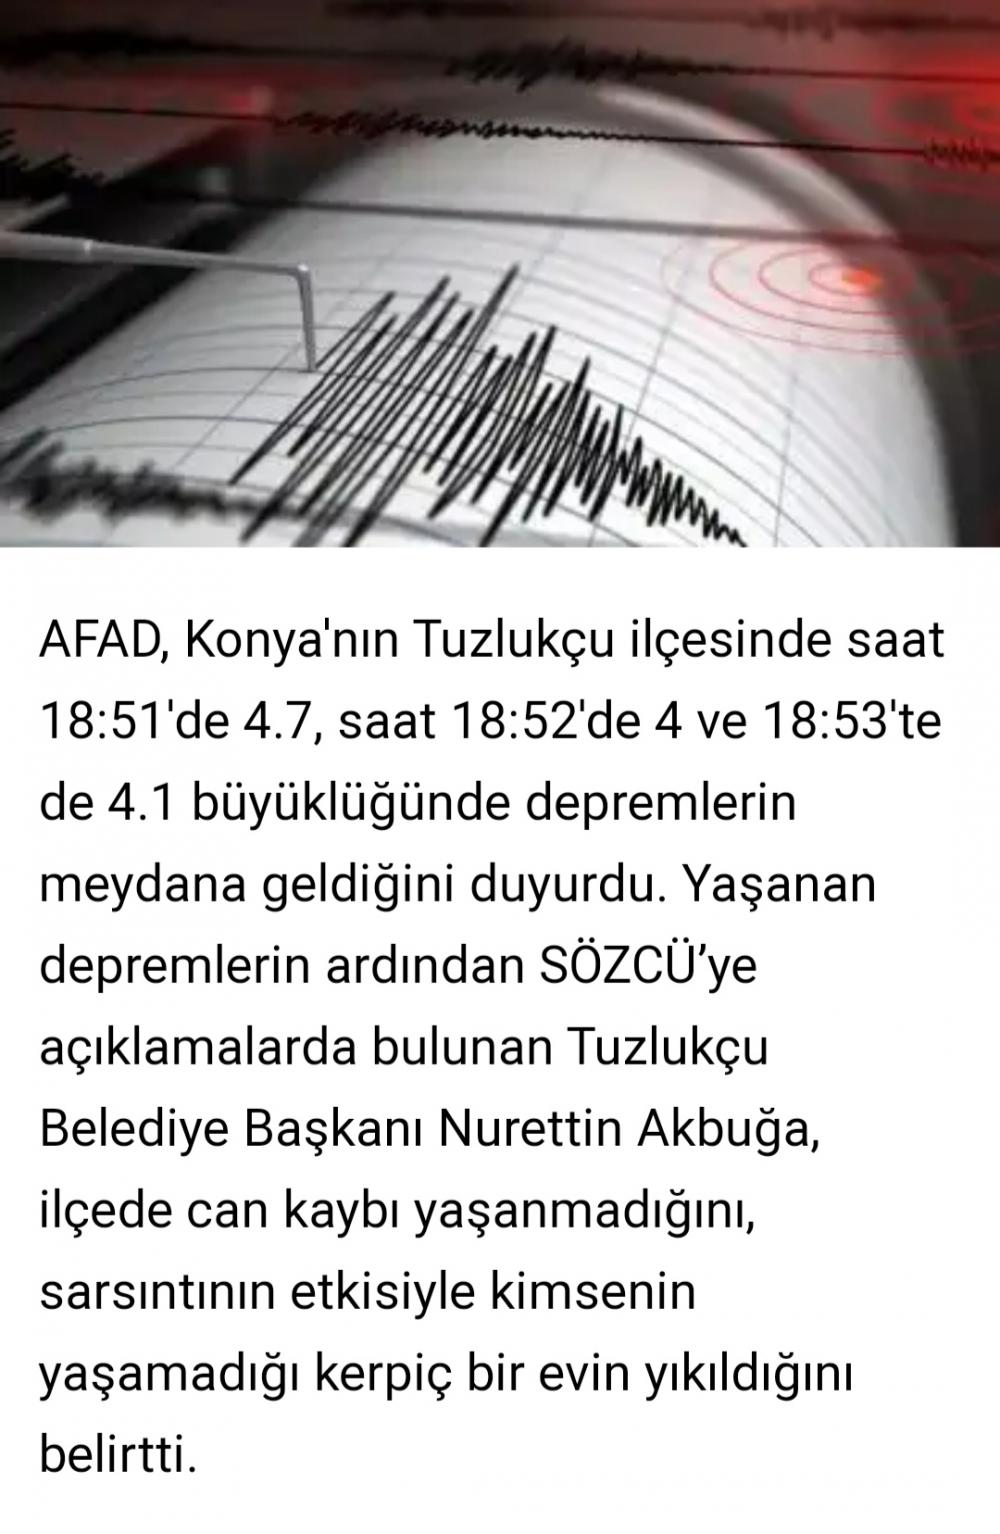 4.7 şiddetinde deprem meydana geldi